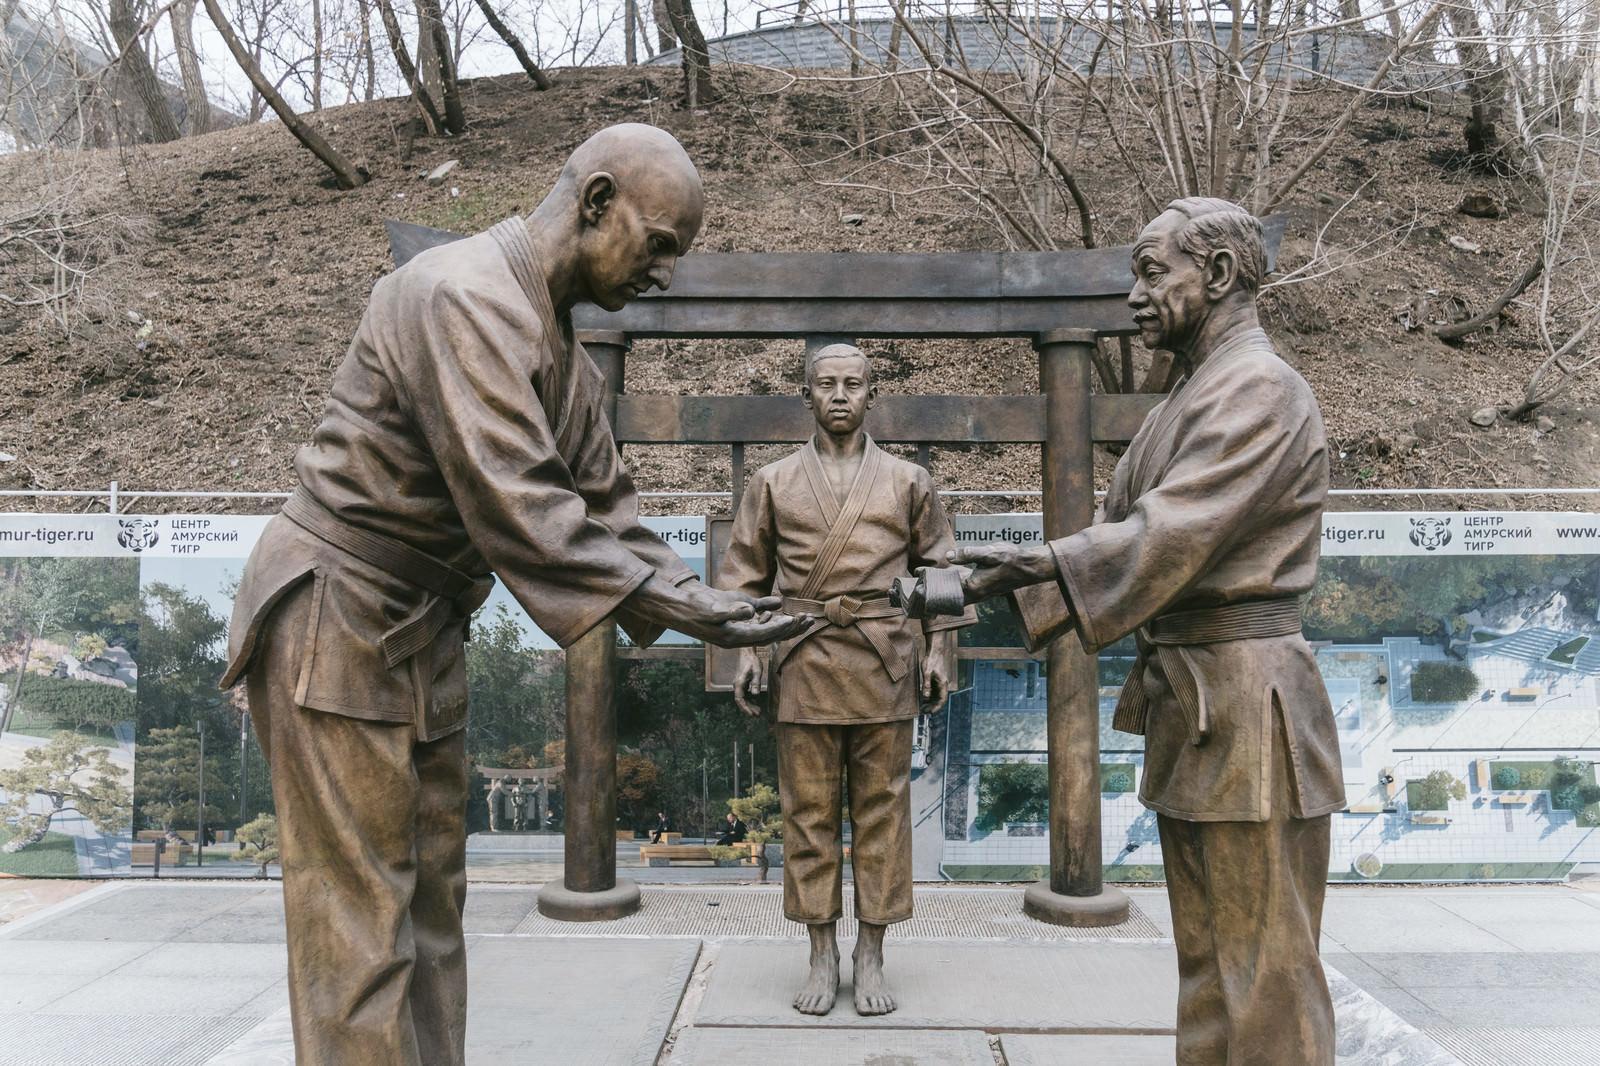 「ウラジオストクはロシアにおける柔道の発祥の地ウラジオストクはロシアにおける柔道の発祥の地」のフリー写真素材を拡大